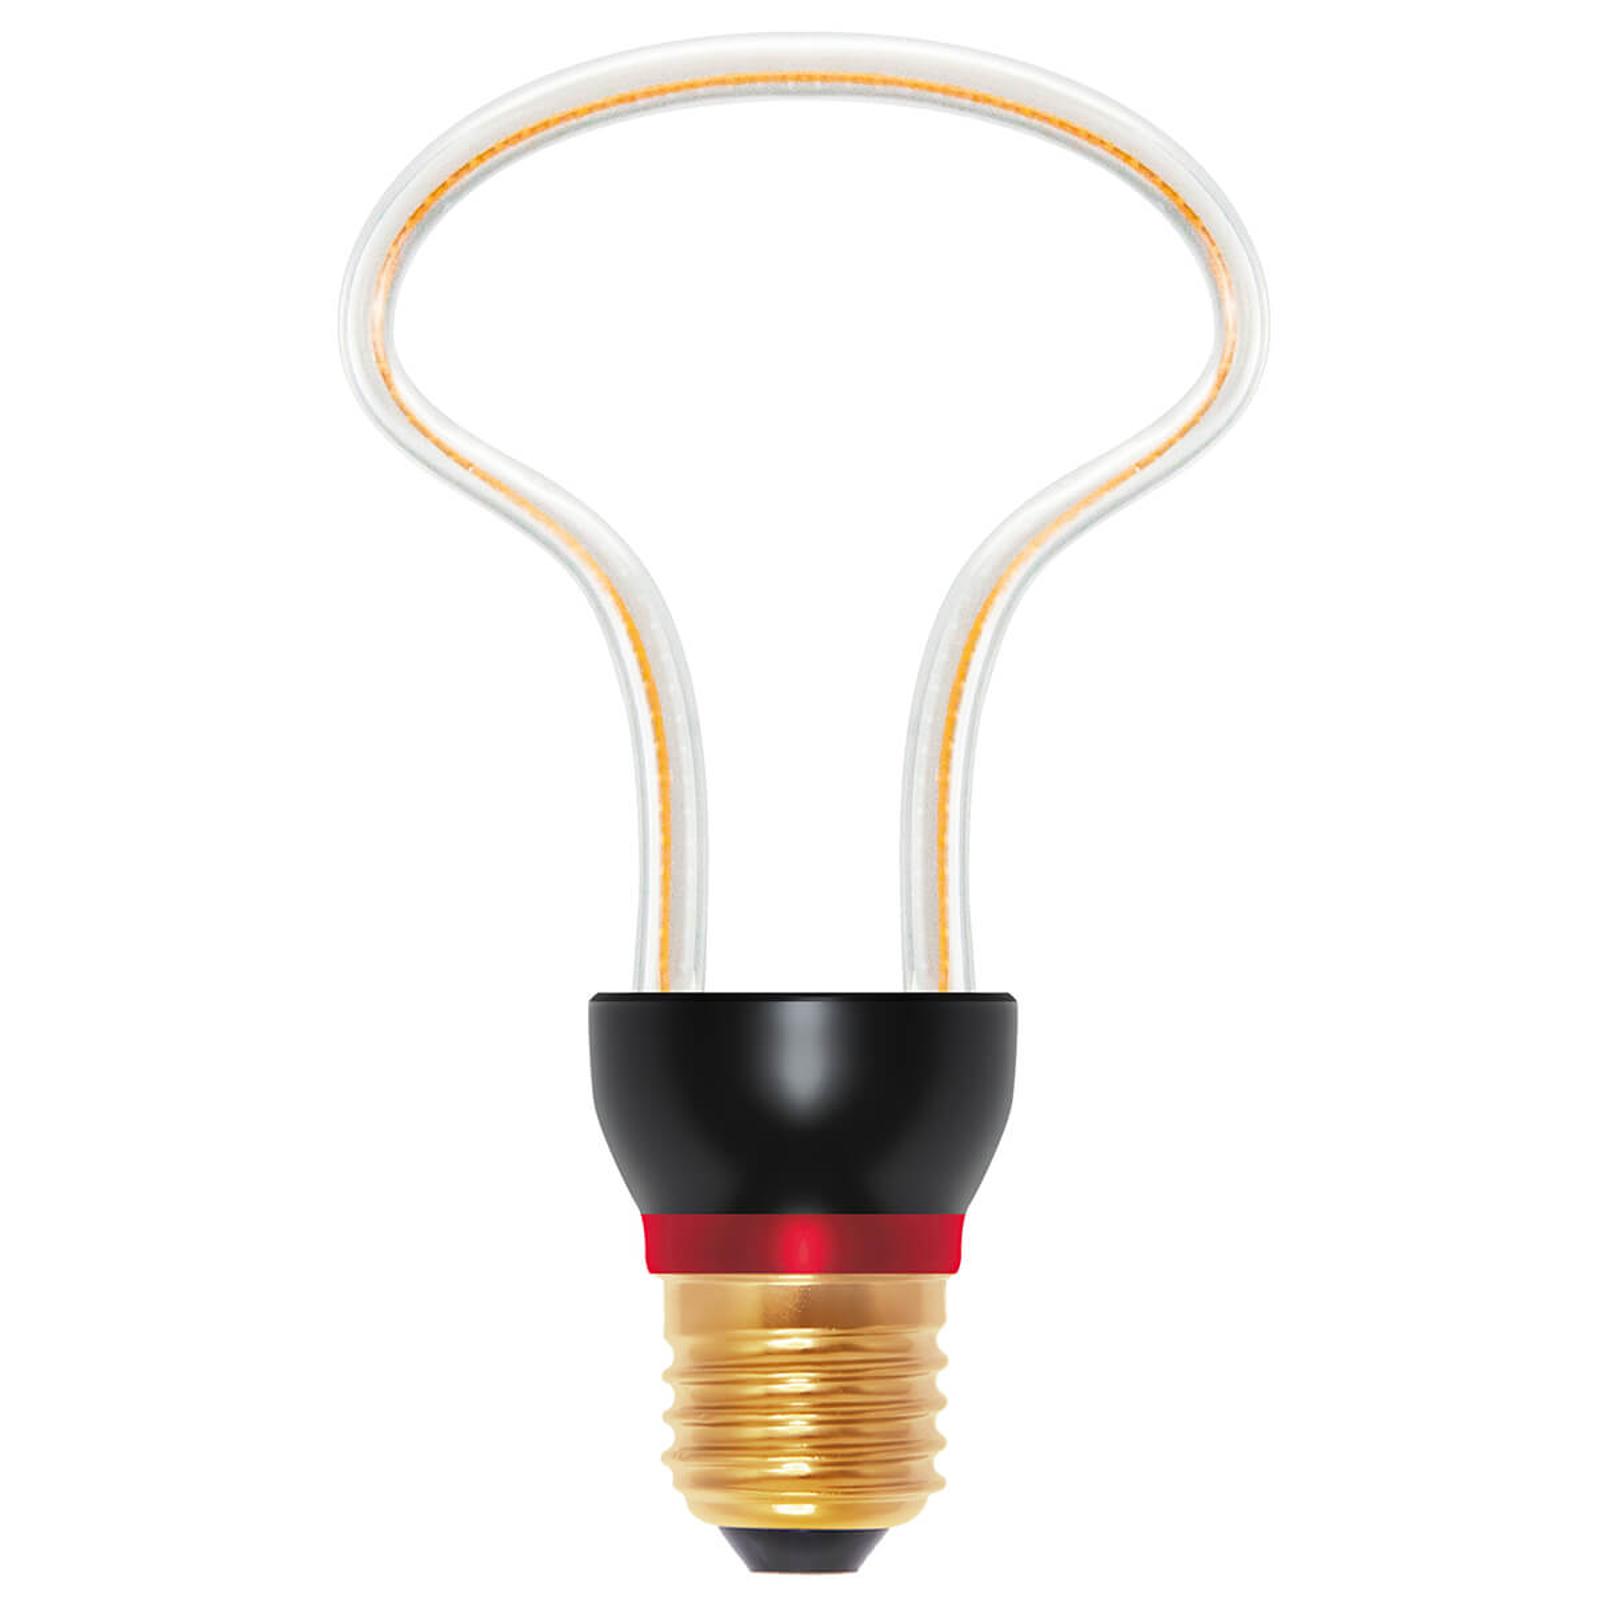 Żarówka LED ART Line reflektor E27 8W, ściemniany